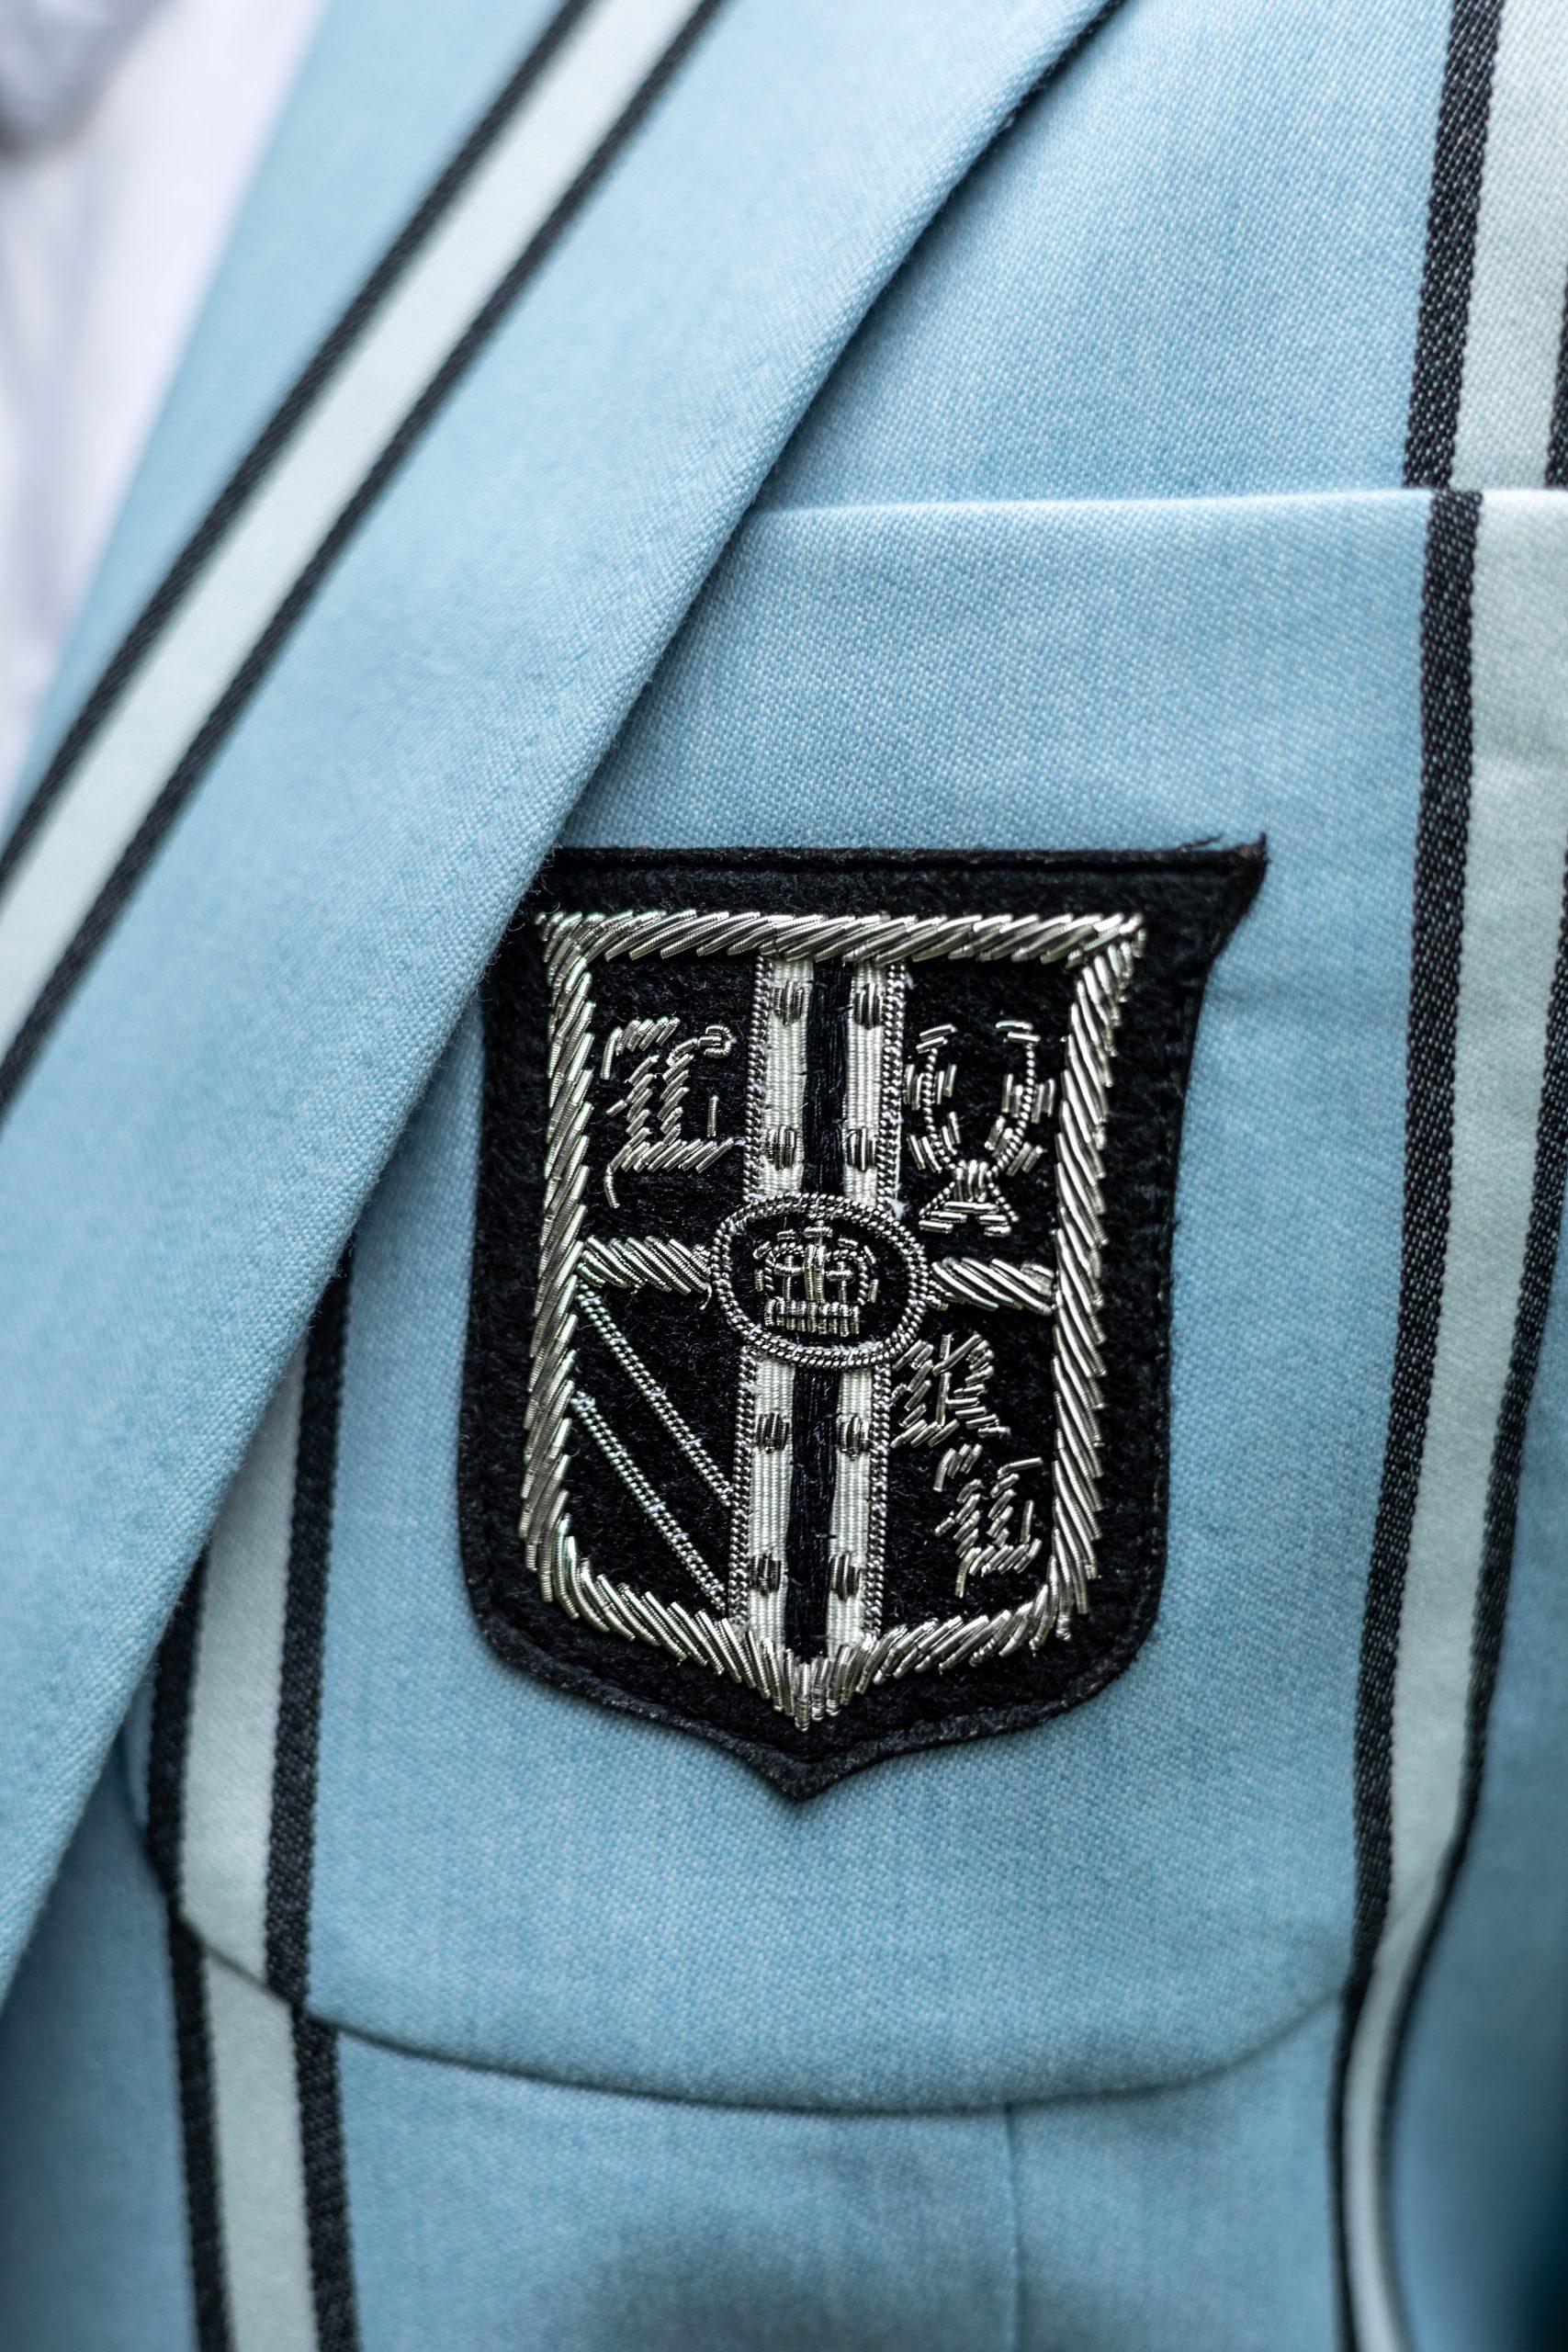 Striped Collegiate Ralph Lauren Blazer Hedge New York Skirt and J. Crew Blouse with Silver Tieks Worn by Annie Fairfax